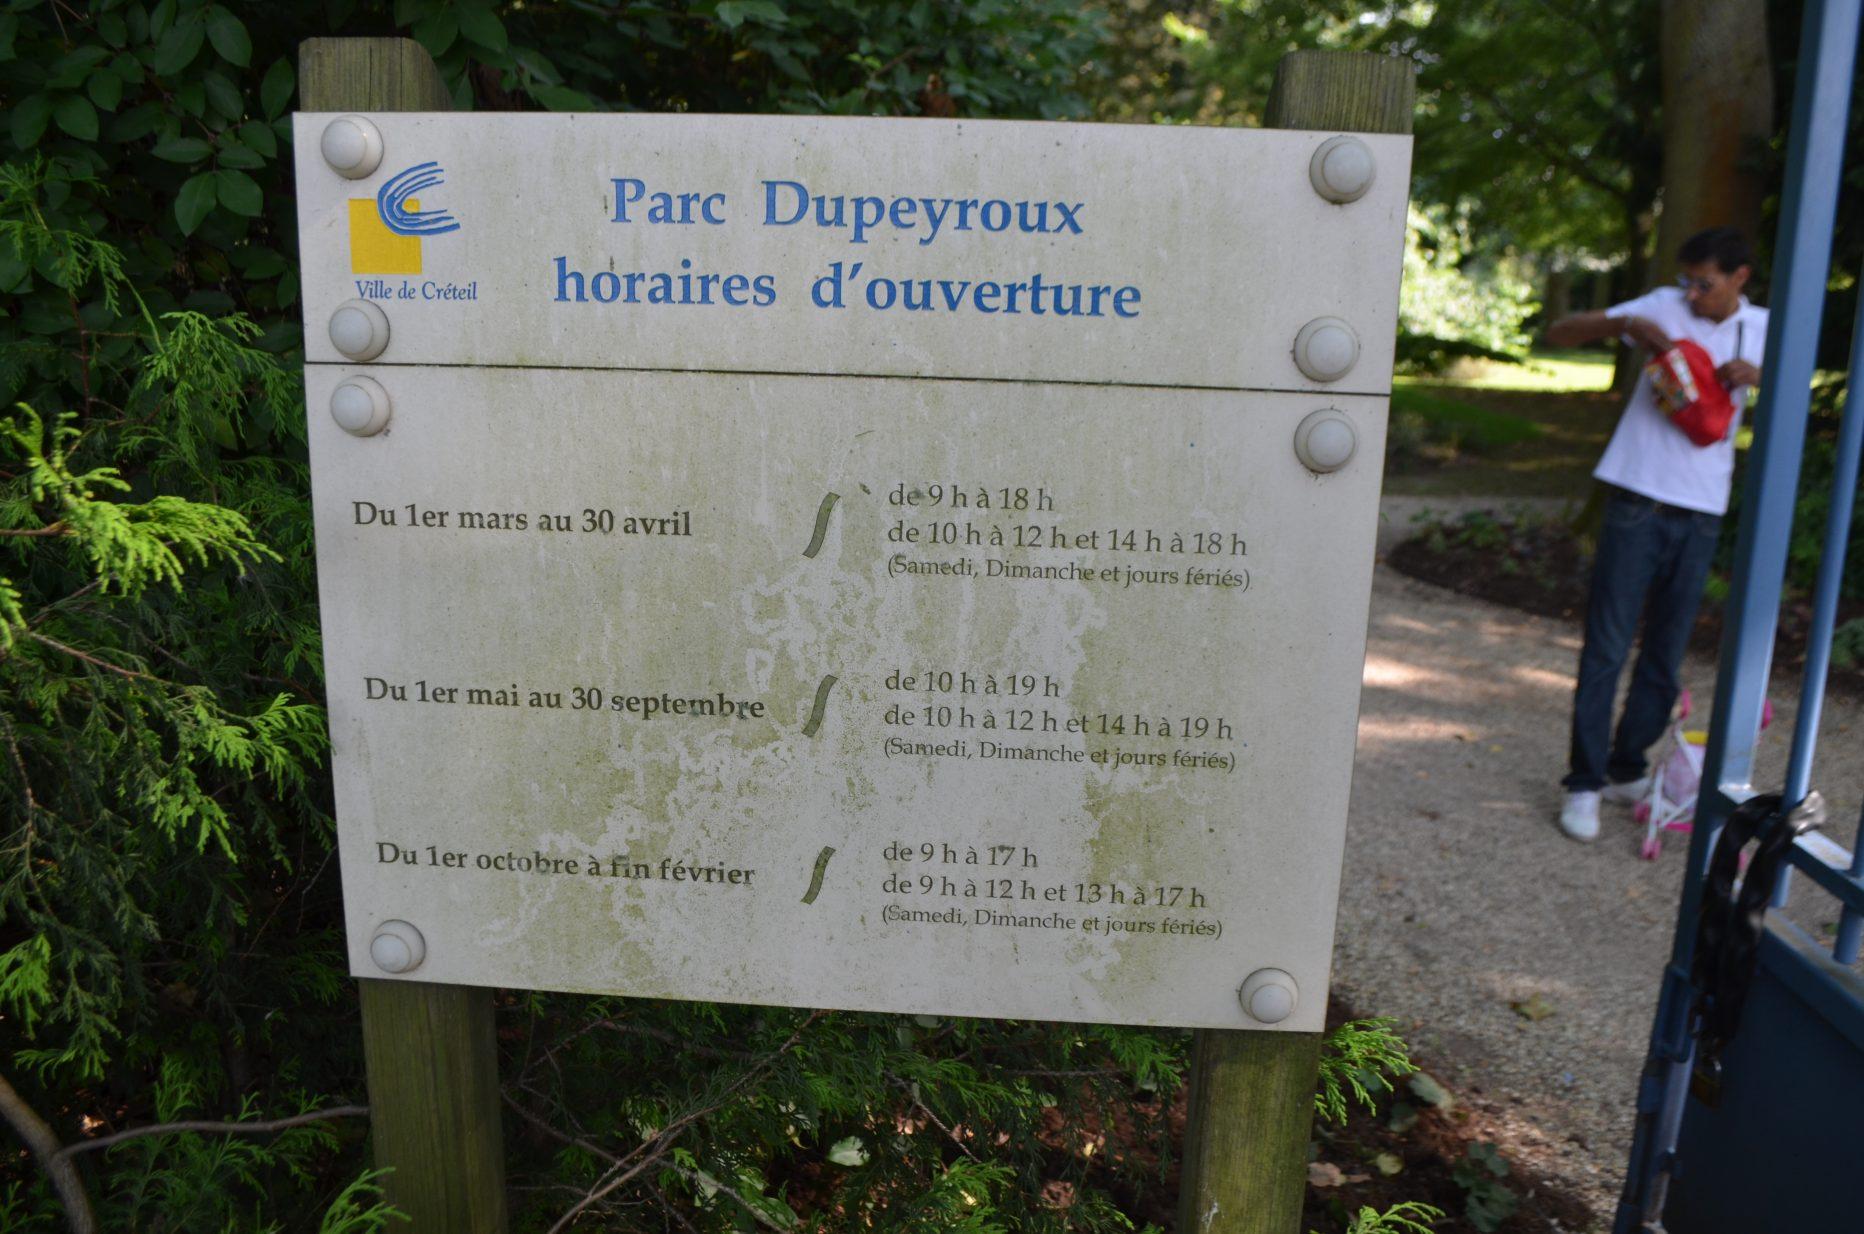 Parc Dupeyroux